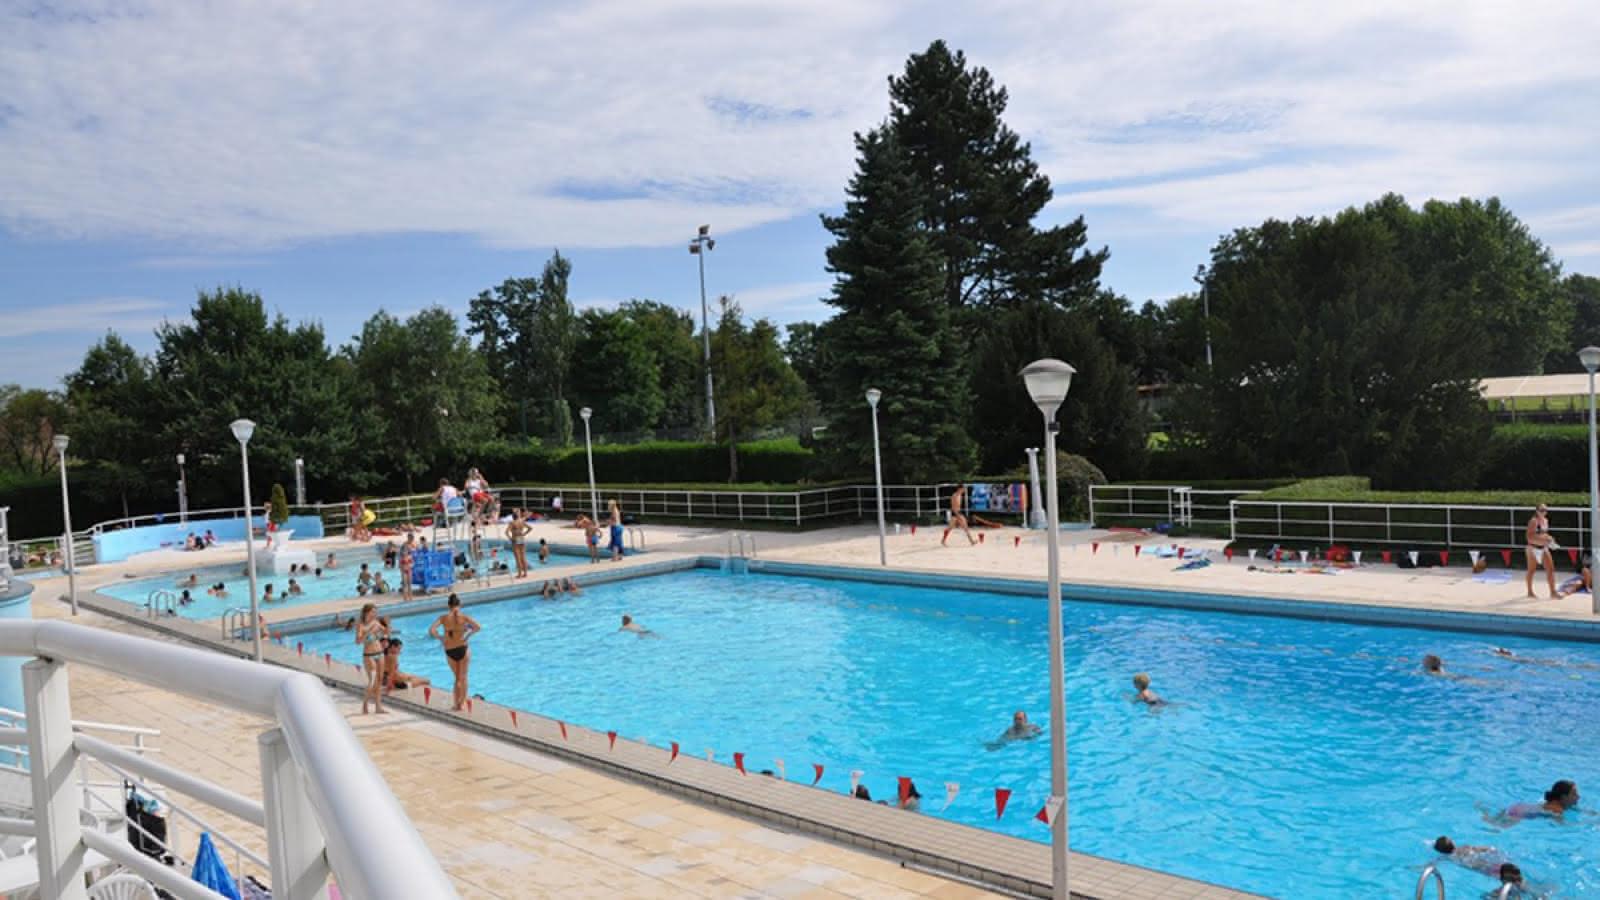 Outdoor Pool - Molsheim | Visit Alsace avec Piscine Mutzig